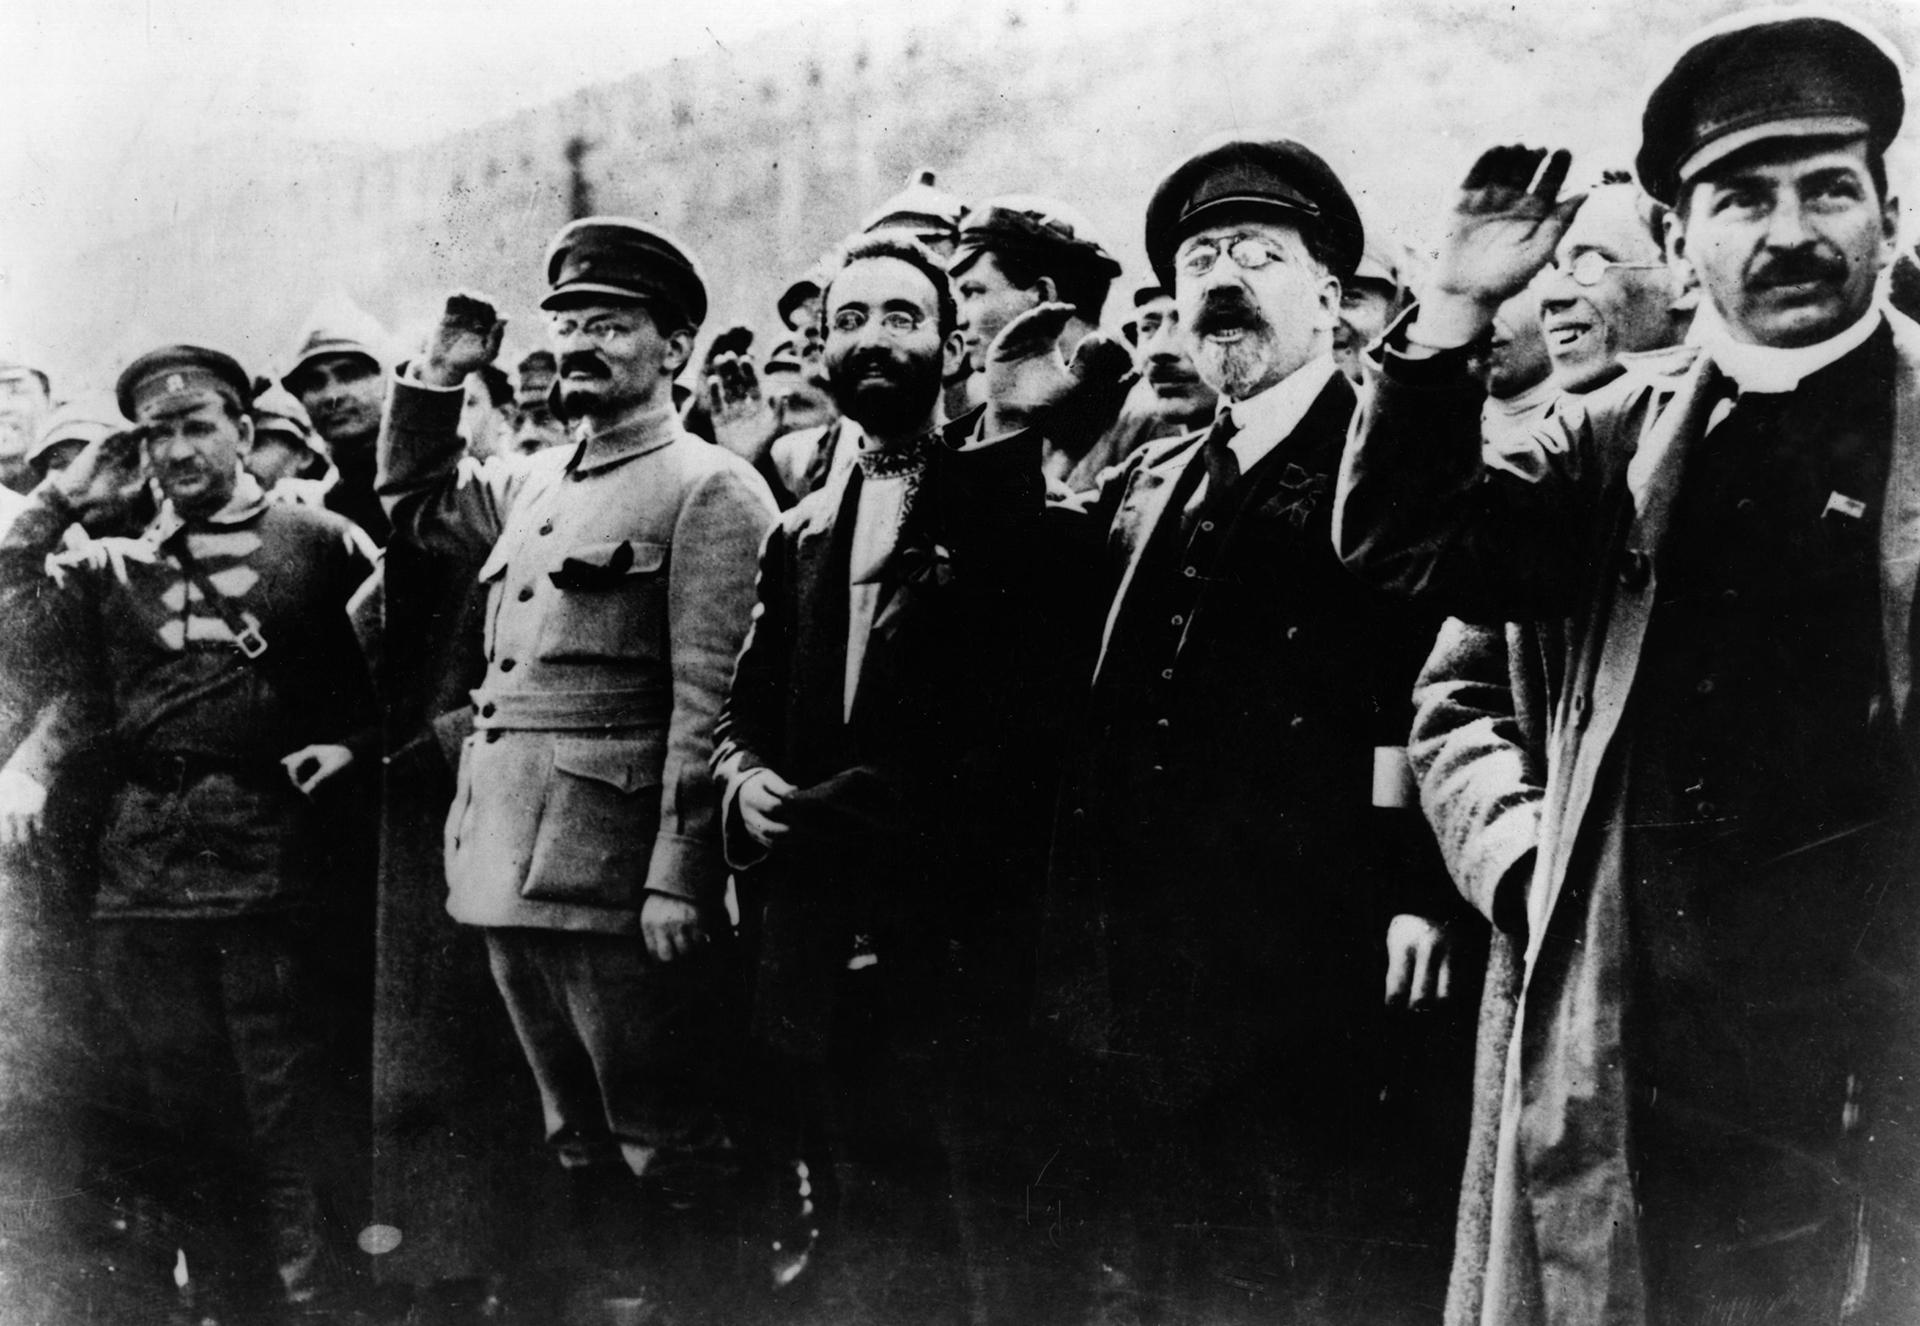 Líderes comunistas, incluidos Stalin y Trotsky saludan en la calle durante la revolución de Octubre.